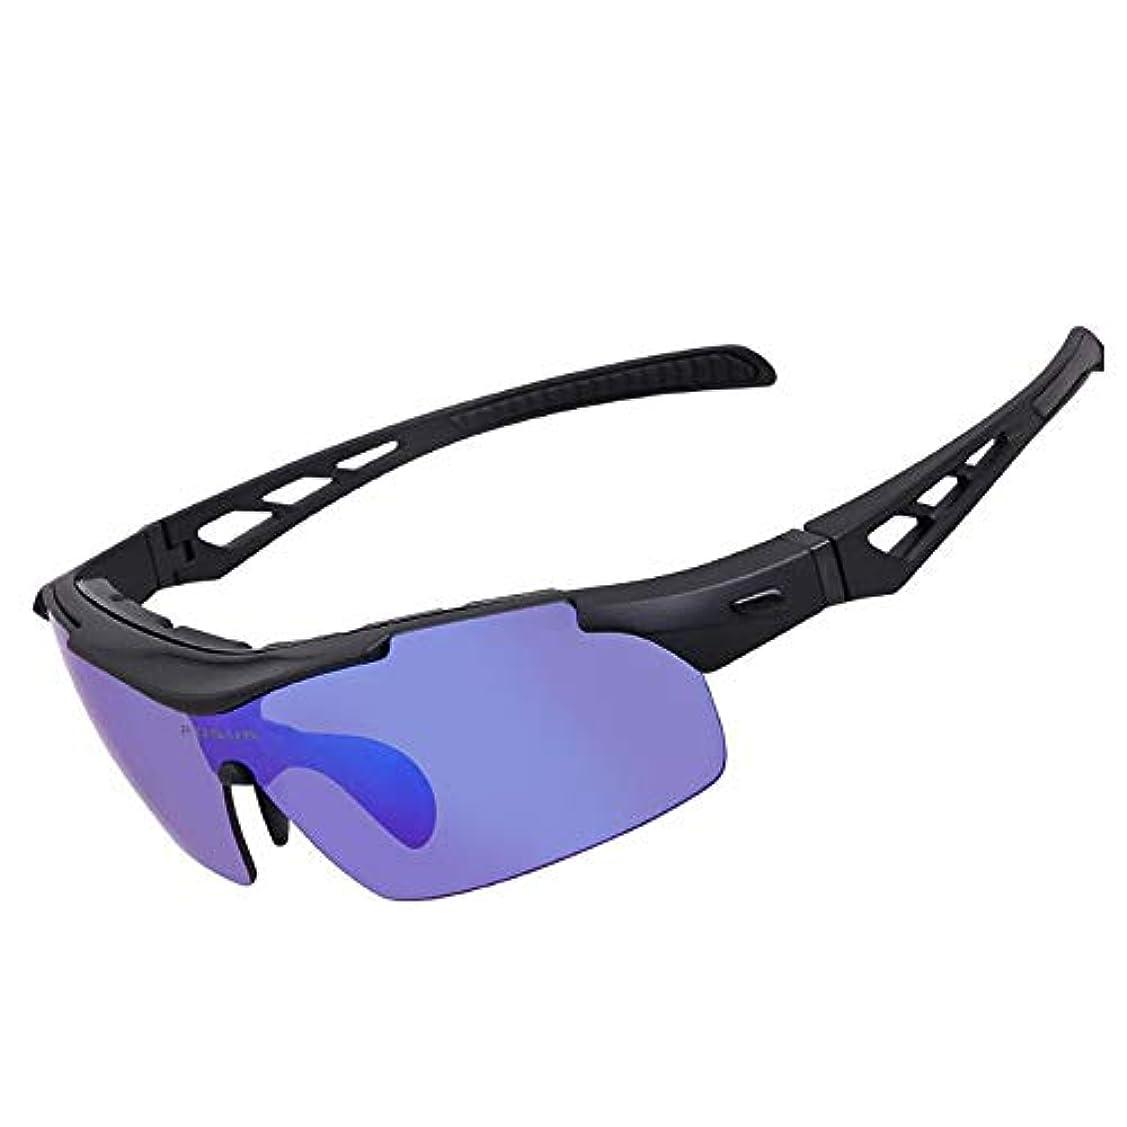 鷲インカ帝国粗い偏光スポーツサングラス交換レンズ サイクリング、野球、釣り、スキーランニング、スポーツサングラス、男性と女性のサイクリングランニング用ドライビンググラス 自転車/山/運転/野球/自転車/釣り/ランニング/ゴルフなどの野外活動男女